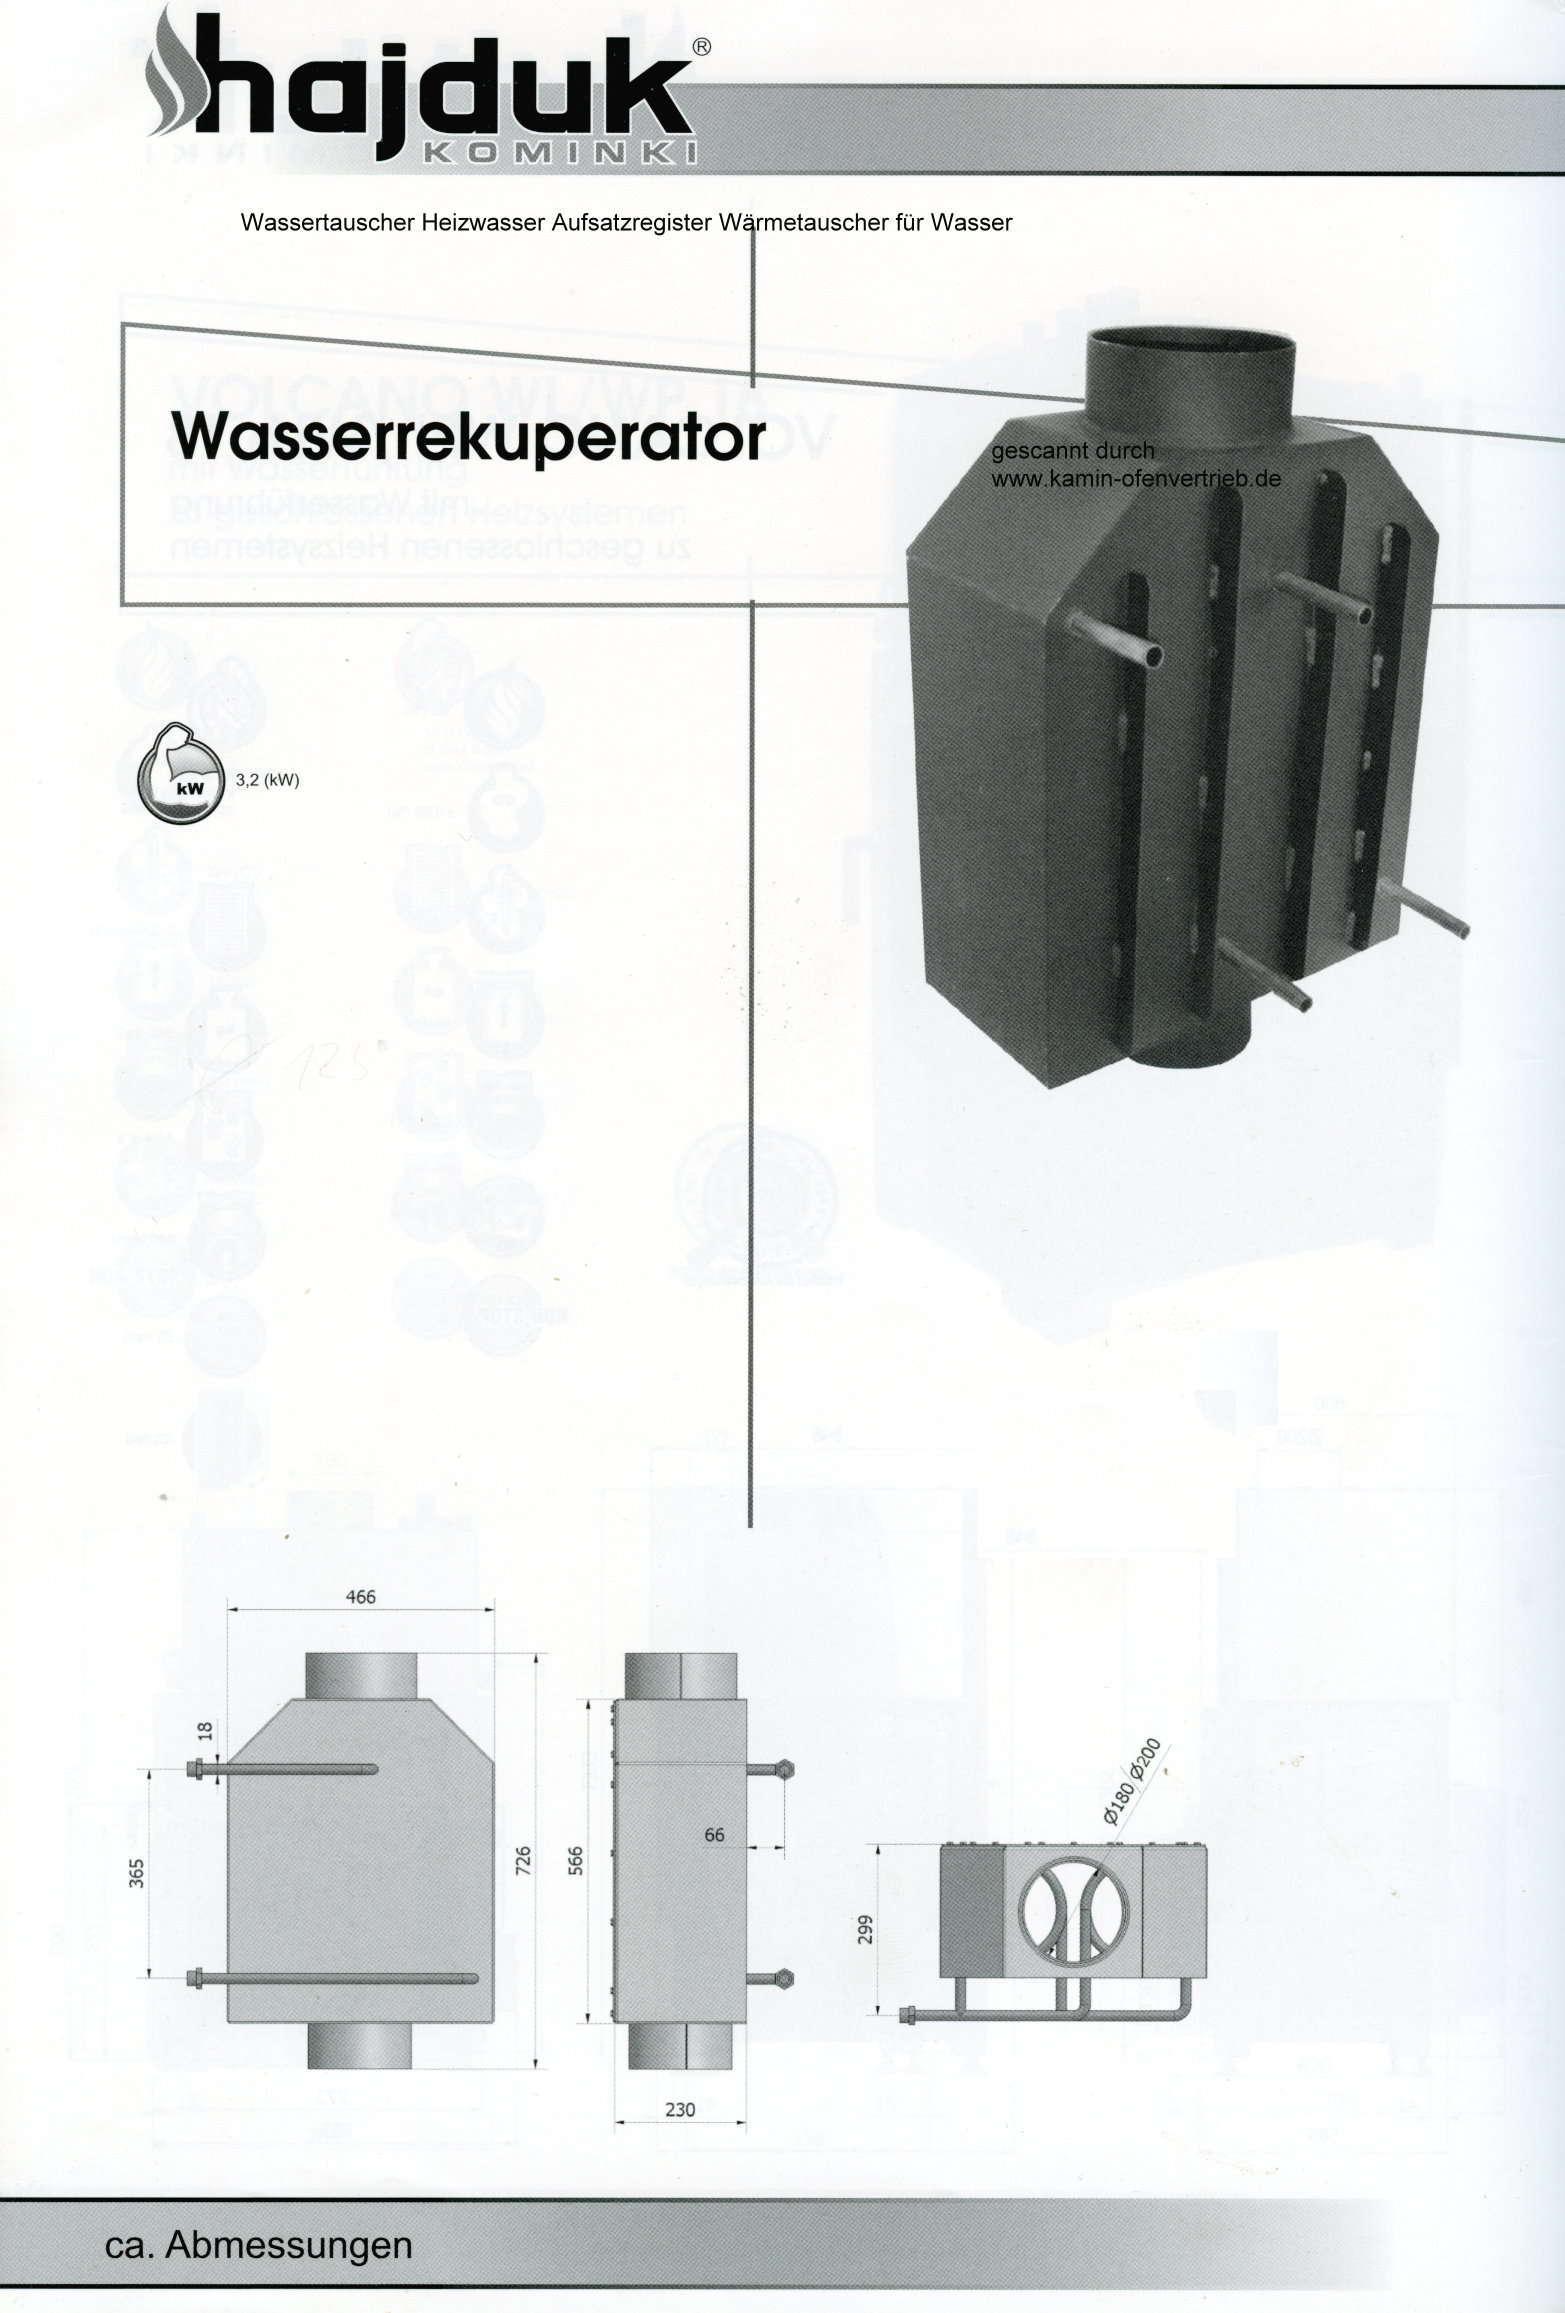 wassertauscher heizwasser aufsatzregister w rmetauscher. Black Bedroom Furniture Sets. Home Design Ideas